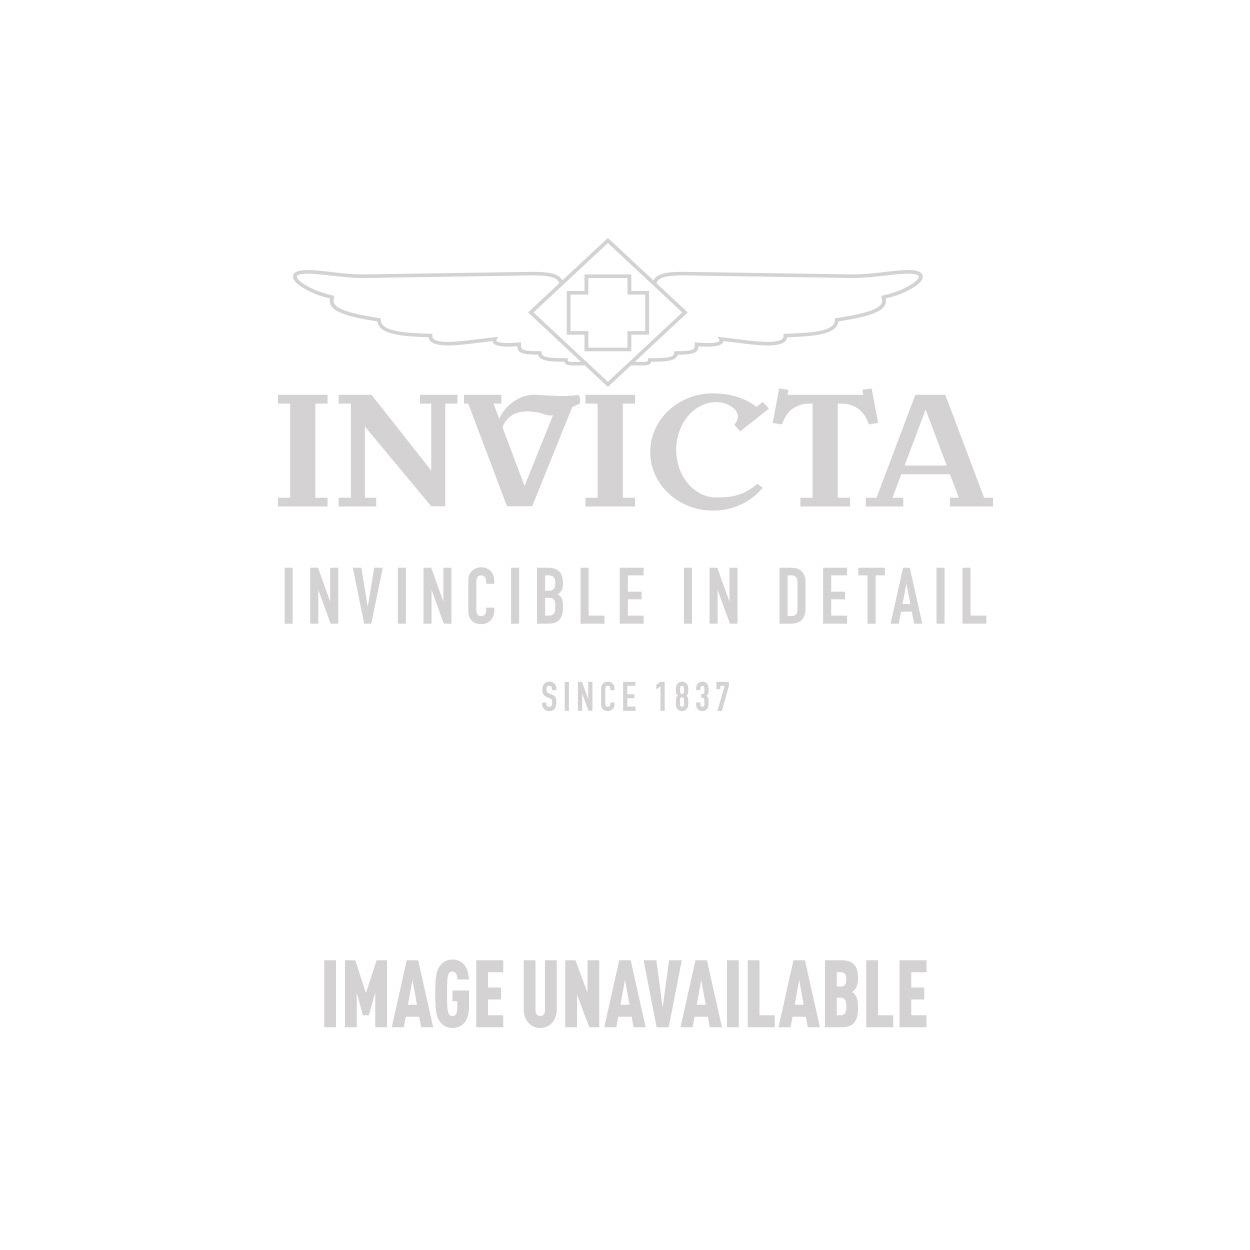 Invicta Model 28643